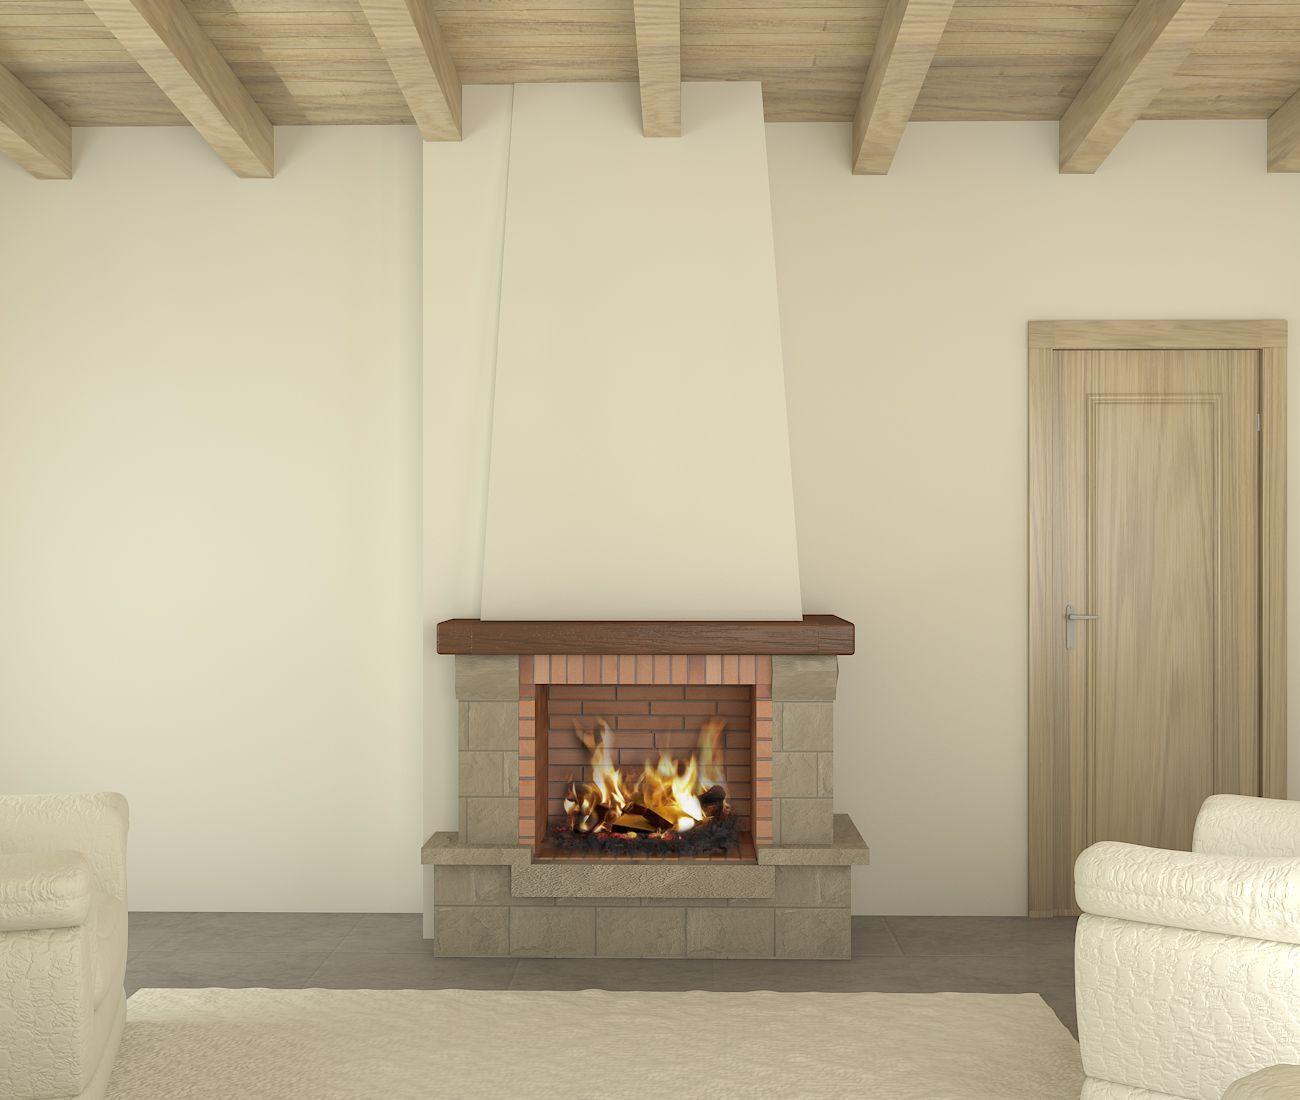 elegant resultado de imagen para chimeneas de lea rusticas with fotos de chimeneas rusticas - Chimeneas Rusticas De Lea